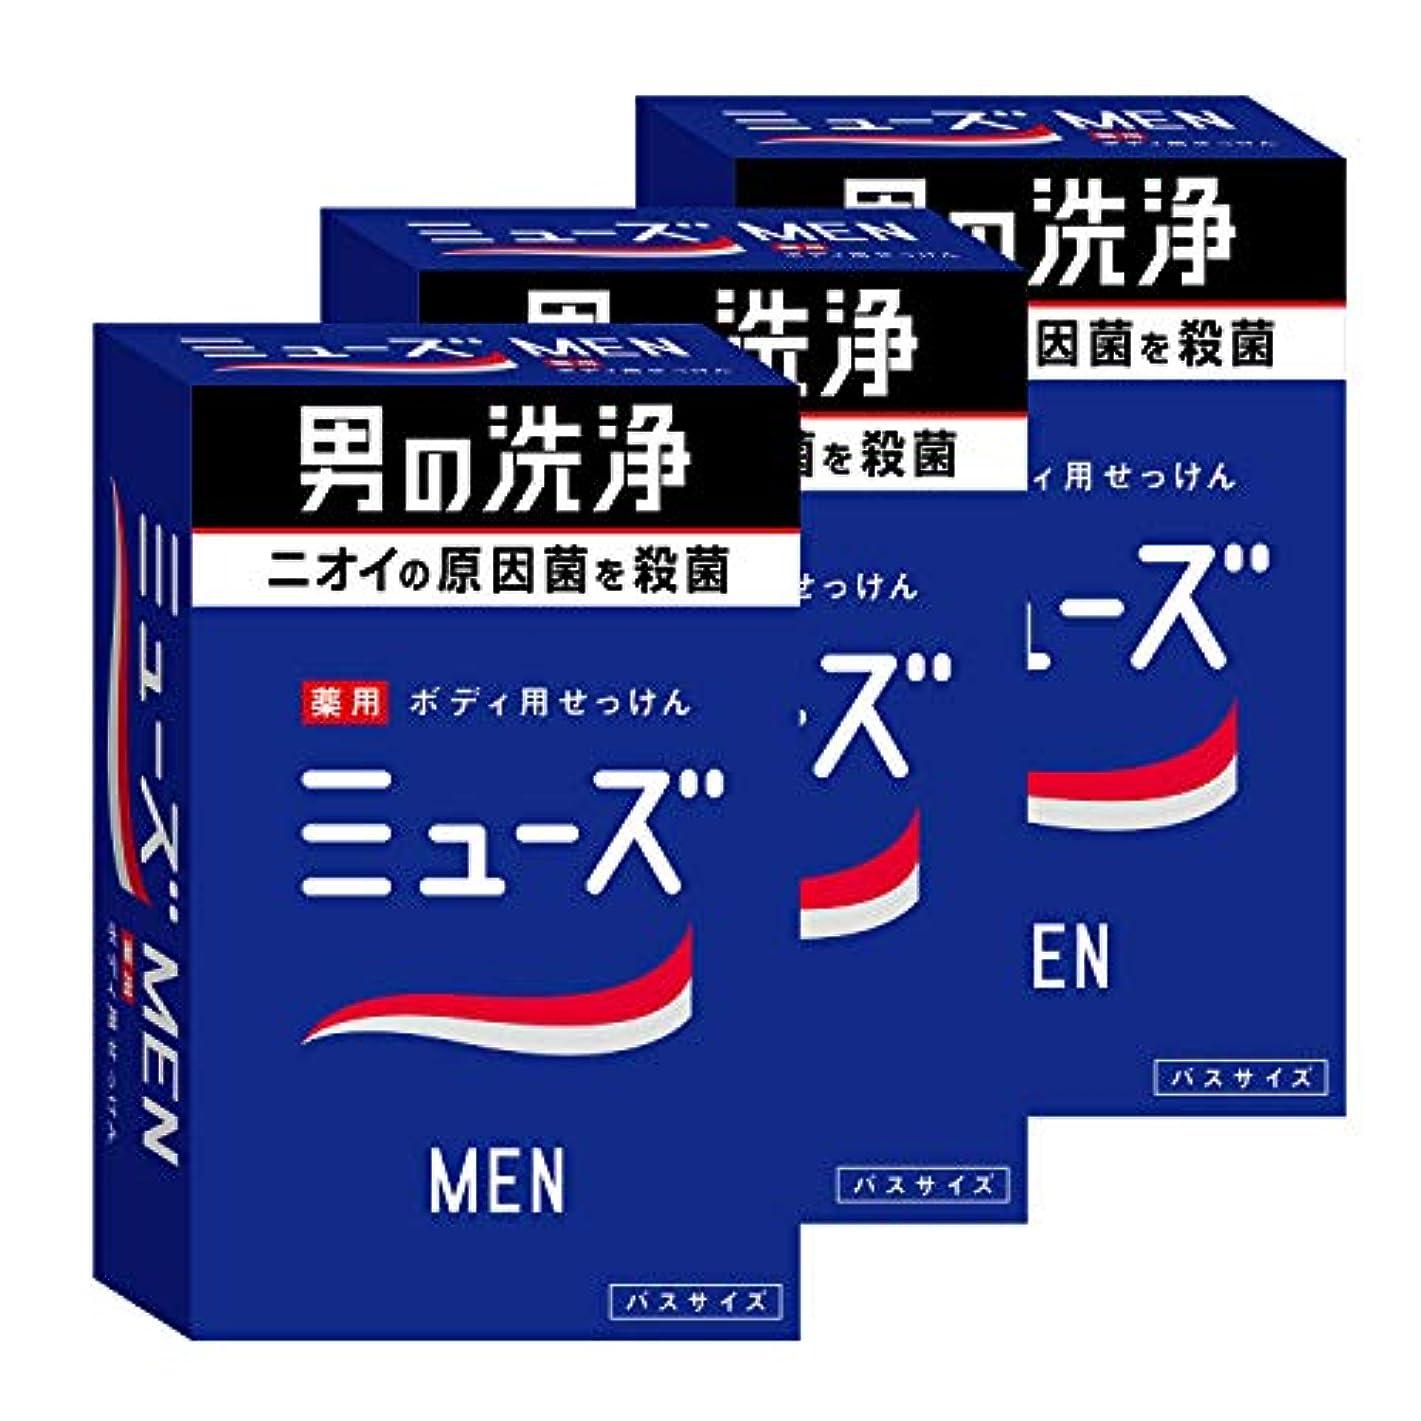 発生する犠牲こっそり【医薬部外品】ミューズメン ボディ用 石鹸 135g ×3個 消臭